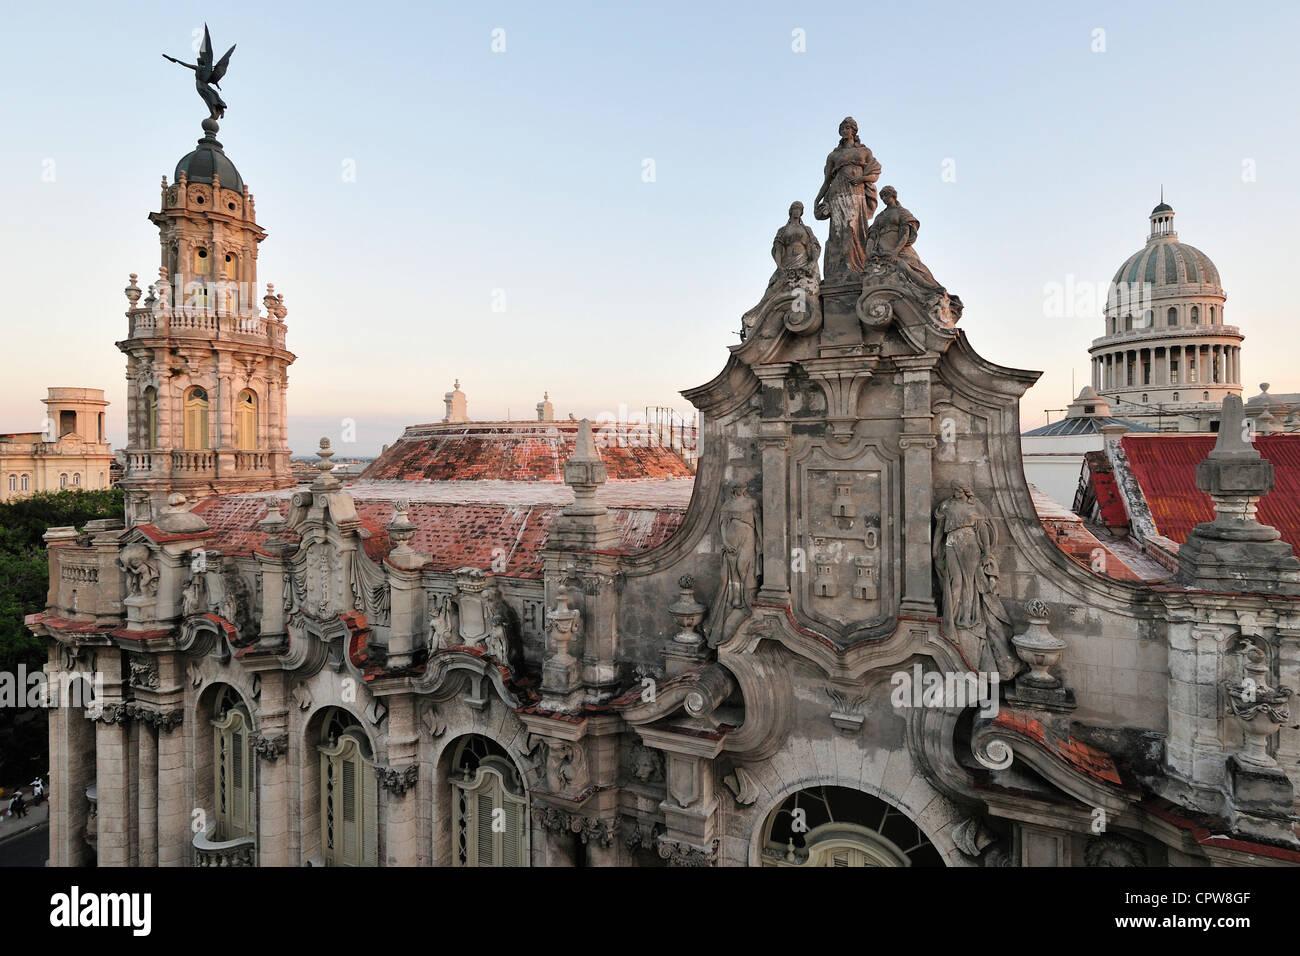 Havanna. Kuba. Aussicht auf der Dachterrasse des Gran Teatro De La Habana & die Kuppel des Capitolio (rechts). Stockbild